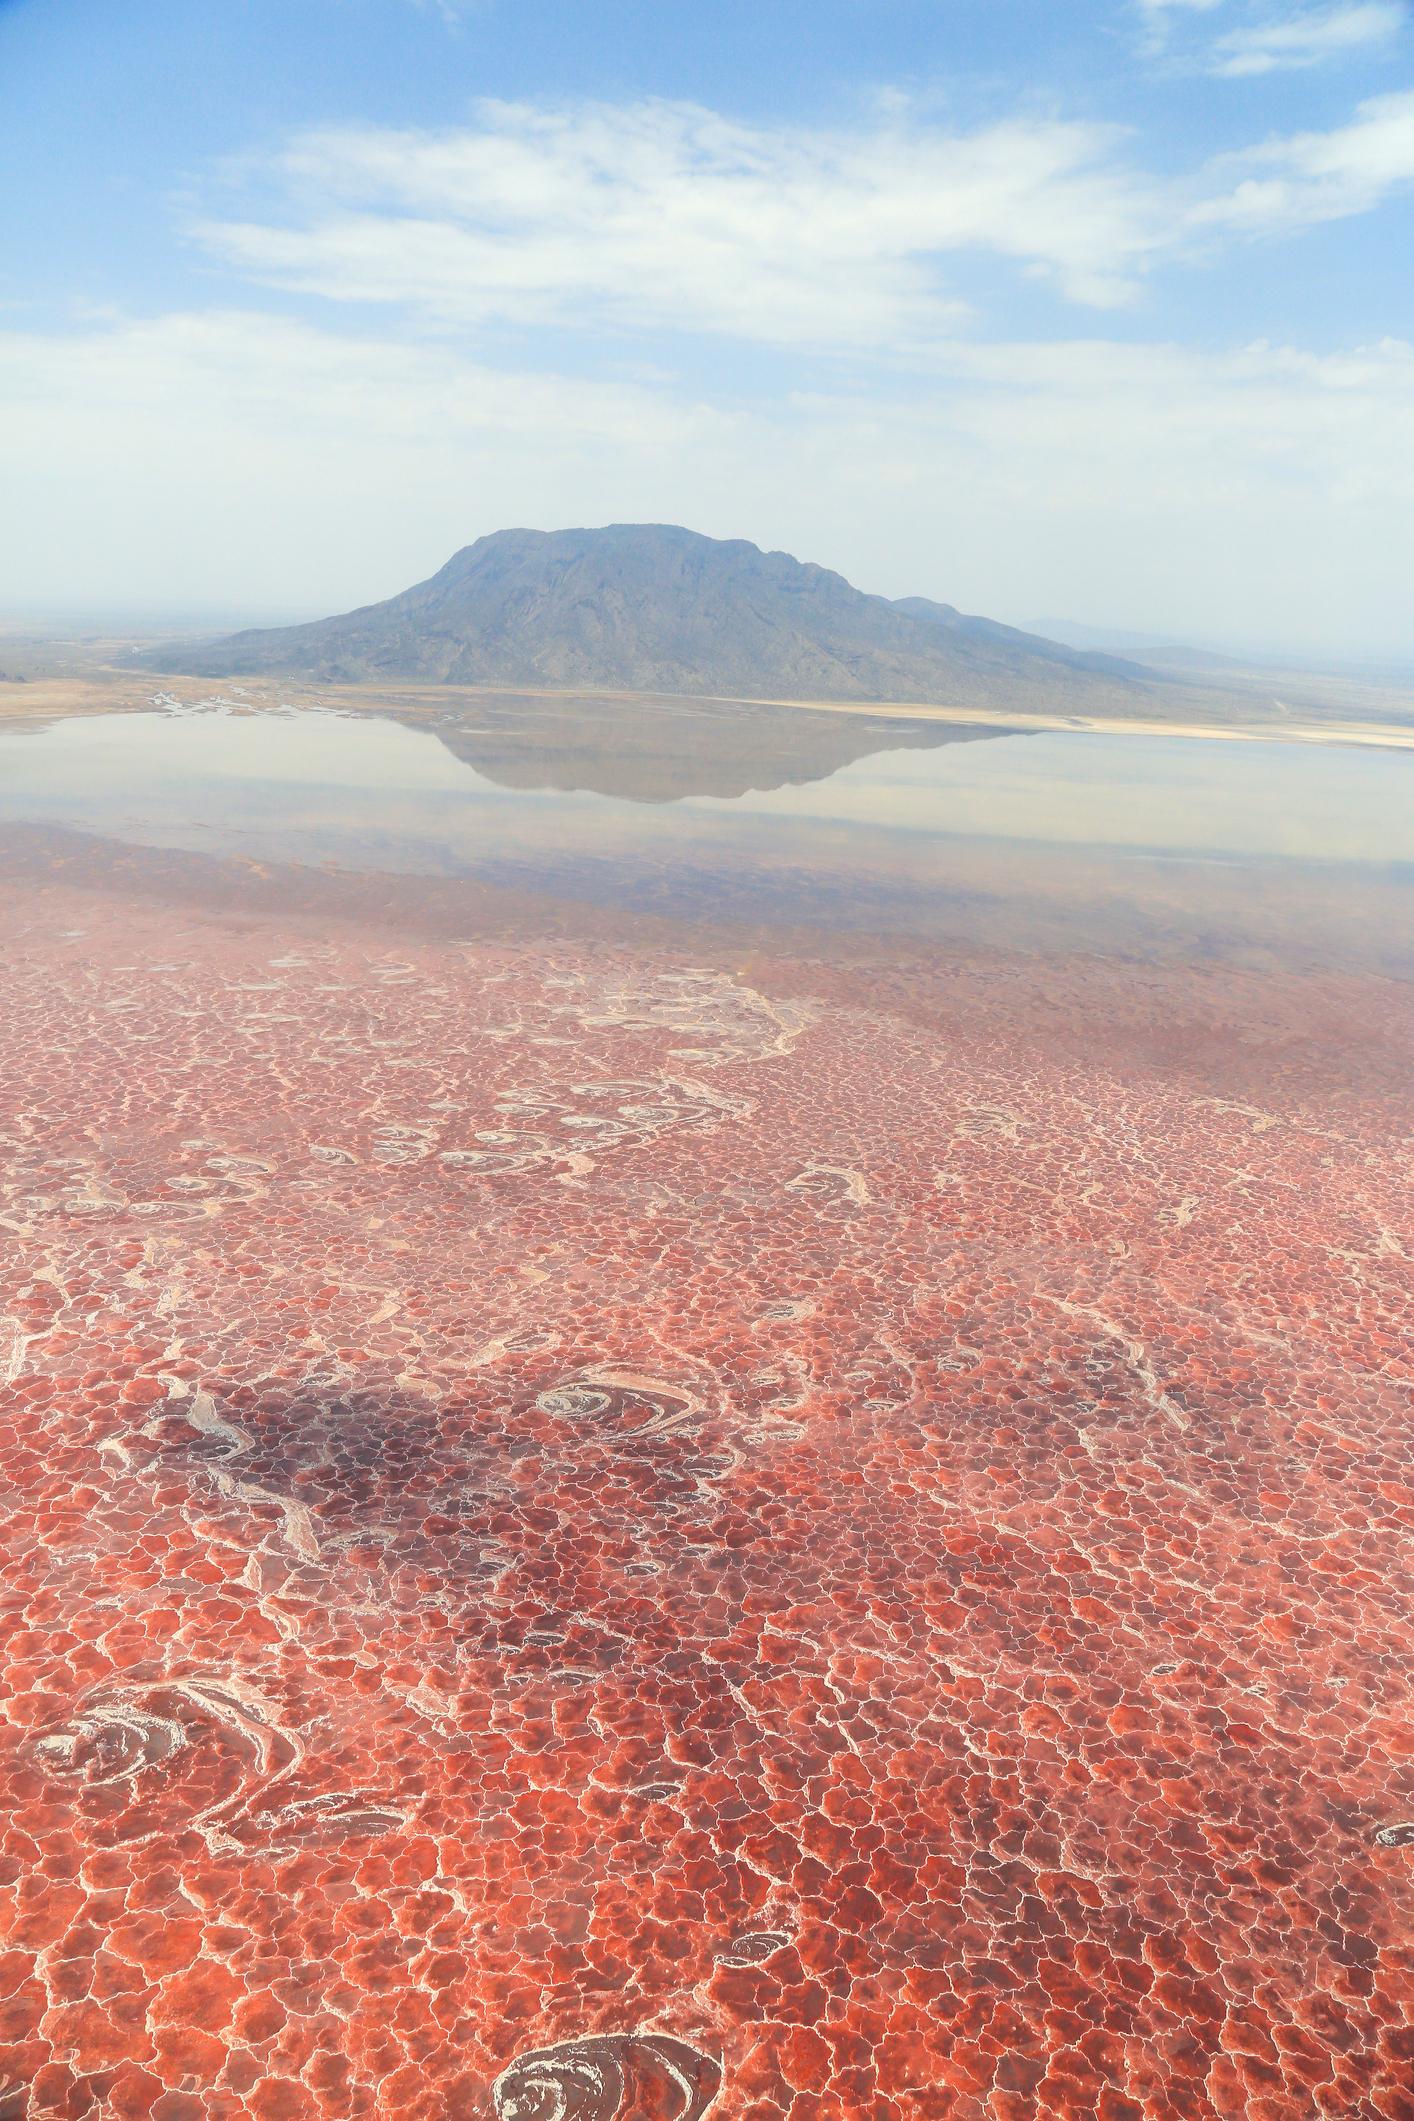 Може да изглежда като извънземен пейзаж, но тази сюрреалистична картина е всъщност снимката на езерото Натрон в Източноафриканската рифтова долина в Танзания. Кората от алкалната сол на дъното му е толкова опасна, че повечето живи същества умират просто ако влязат в контакт с тях. Силната миризма на сероводород, идващ от повърхността на езерото всъщност се дължи на токсични пари. Езерото е много красиво, тъй като през сухия сезон цианобактерии оцветяват водите му в червено, оранжево и розово, а бреговете му побеляват от отложената при изпаренията сол. С тези бактерии се хранят розови фламинго – всъщност точно така те придобиват специфичния цвят на перата си. А във водите с температура надхвърляща 40 градуса по Целзий, рискувайки буквално да се сварят във всеки един момент, плуват риби тилапия, които са ендемични за това езеро.